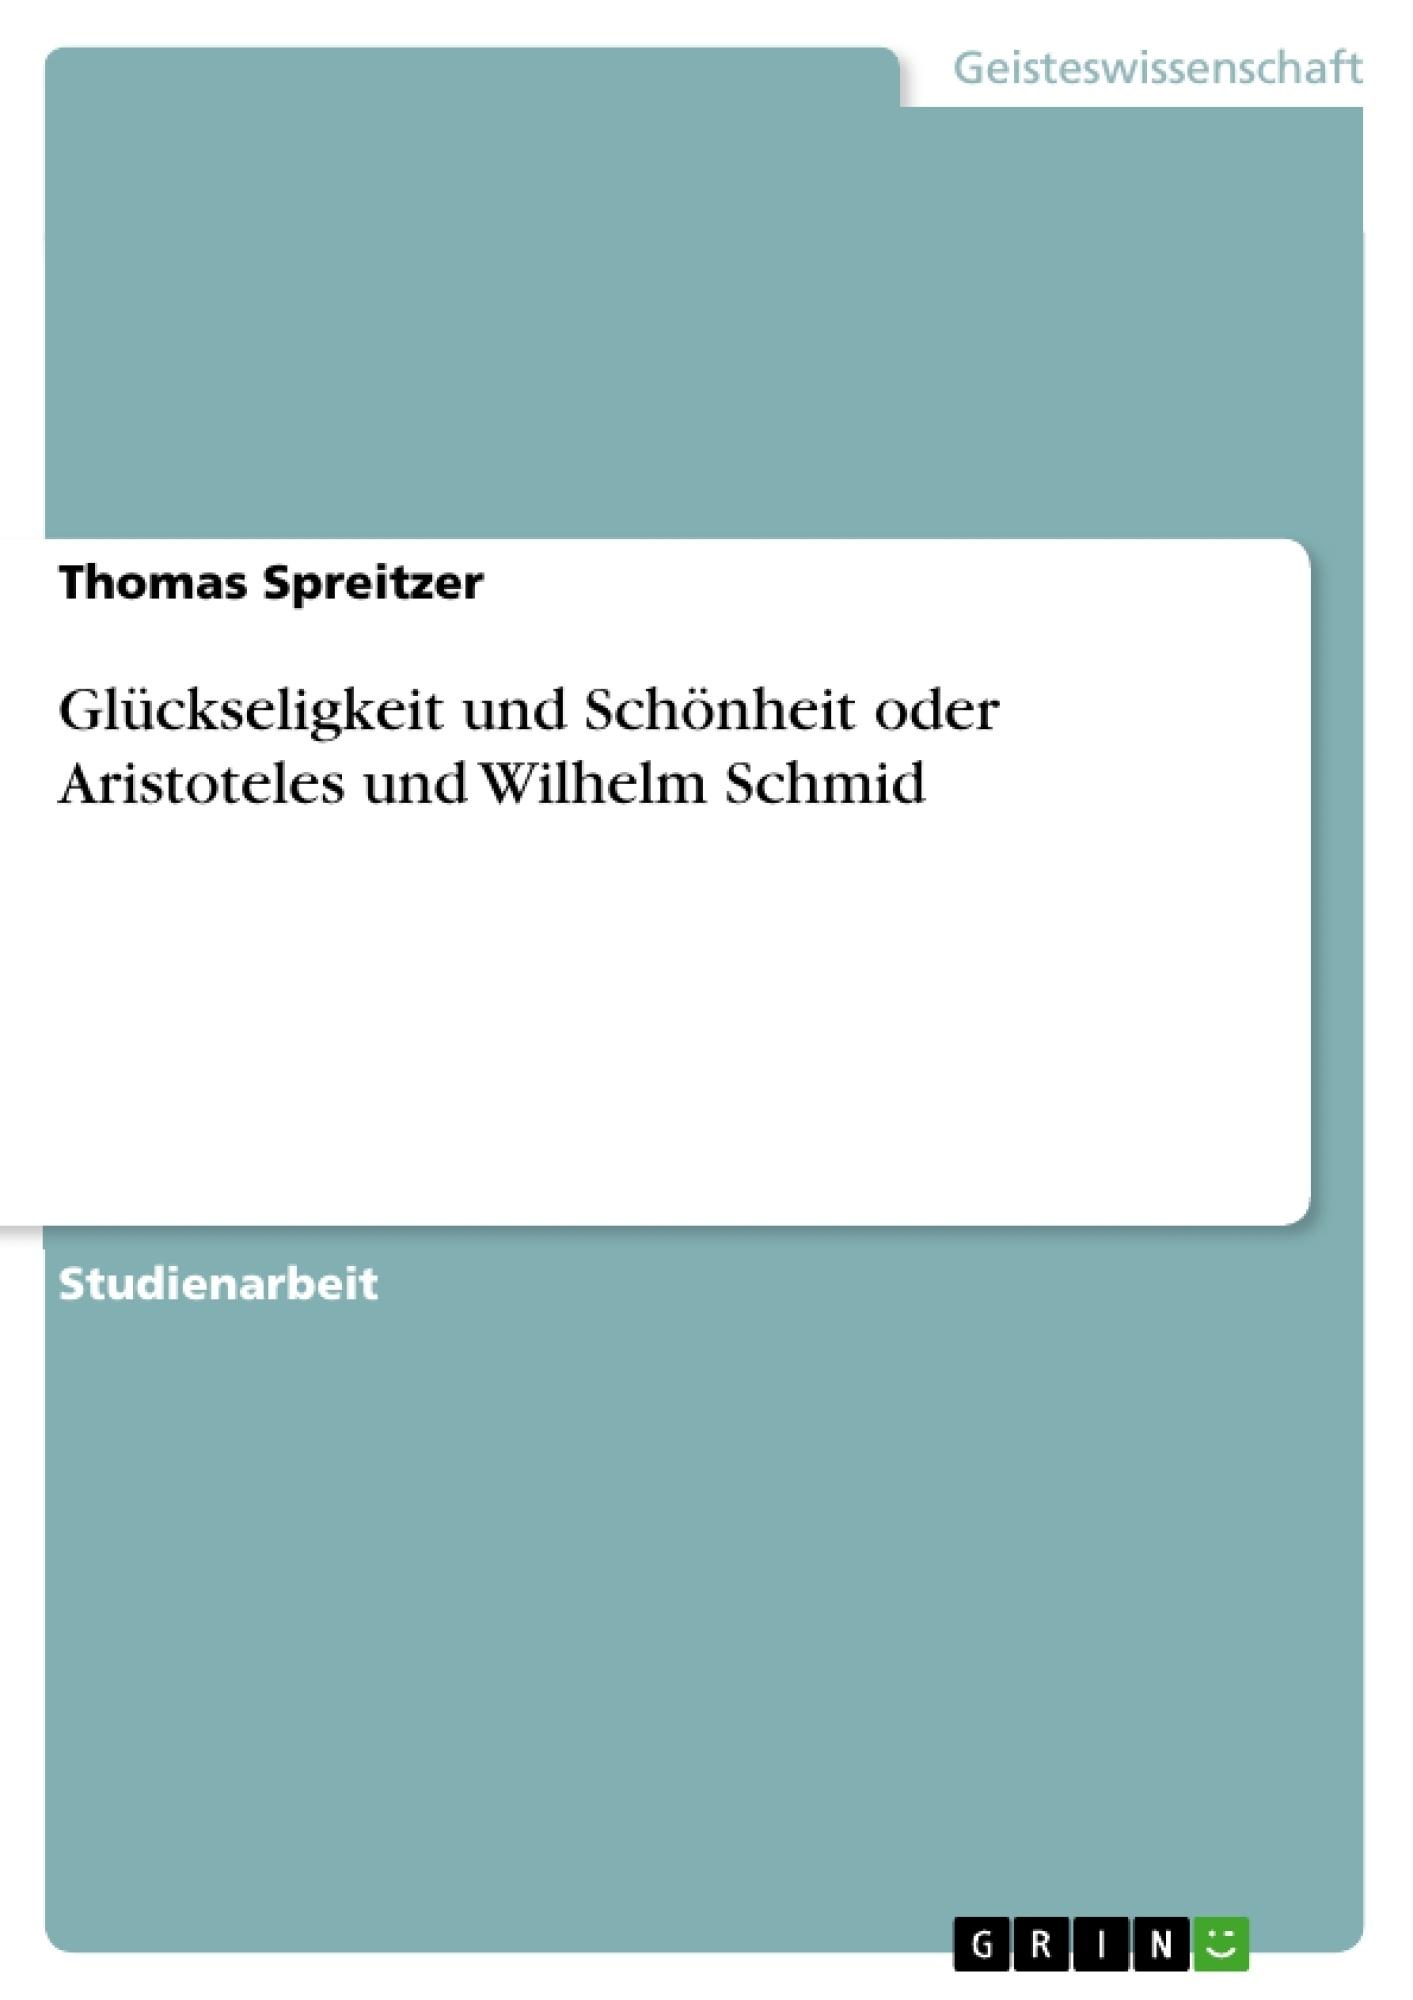 Titel: Glückseligkeit und Schönheit oder Aristoteles und Wilhelm Schmid